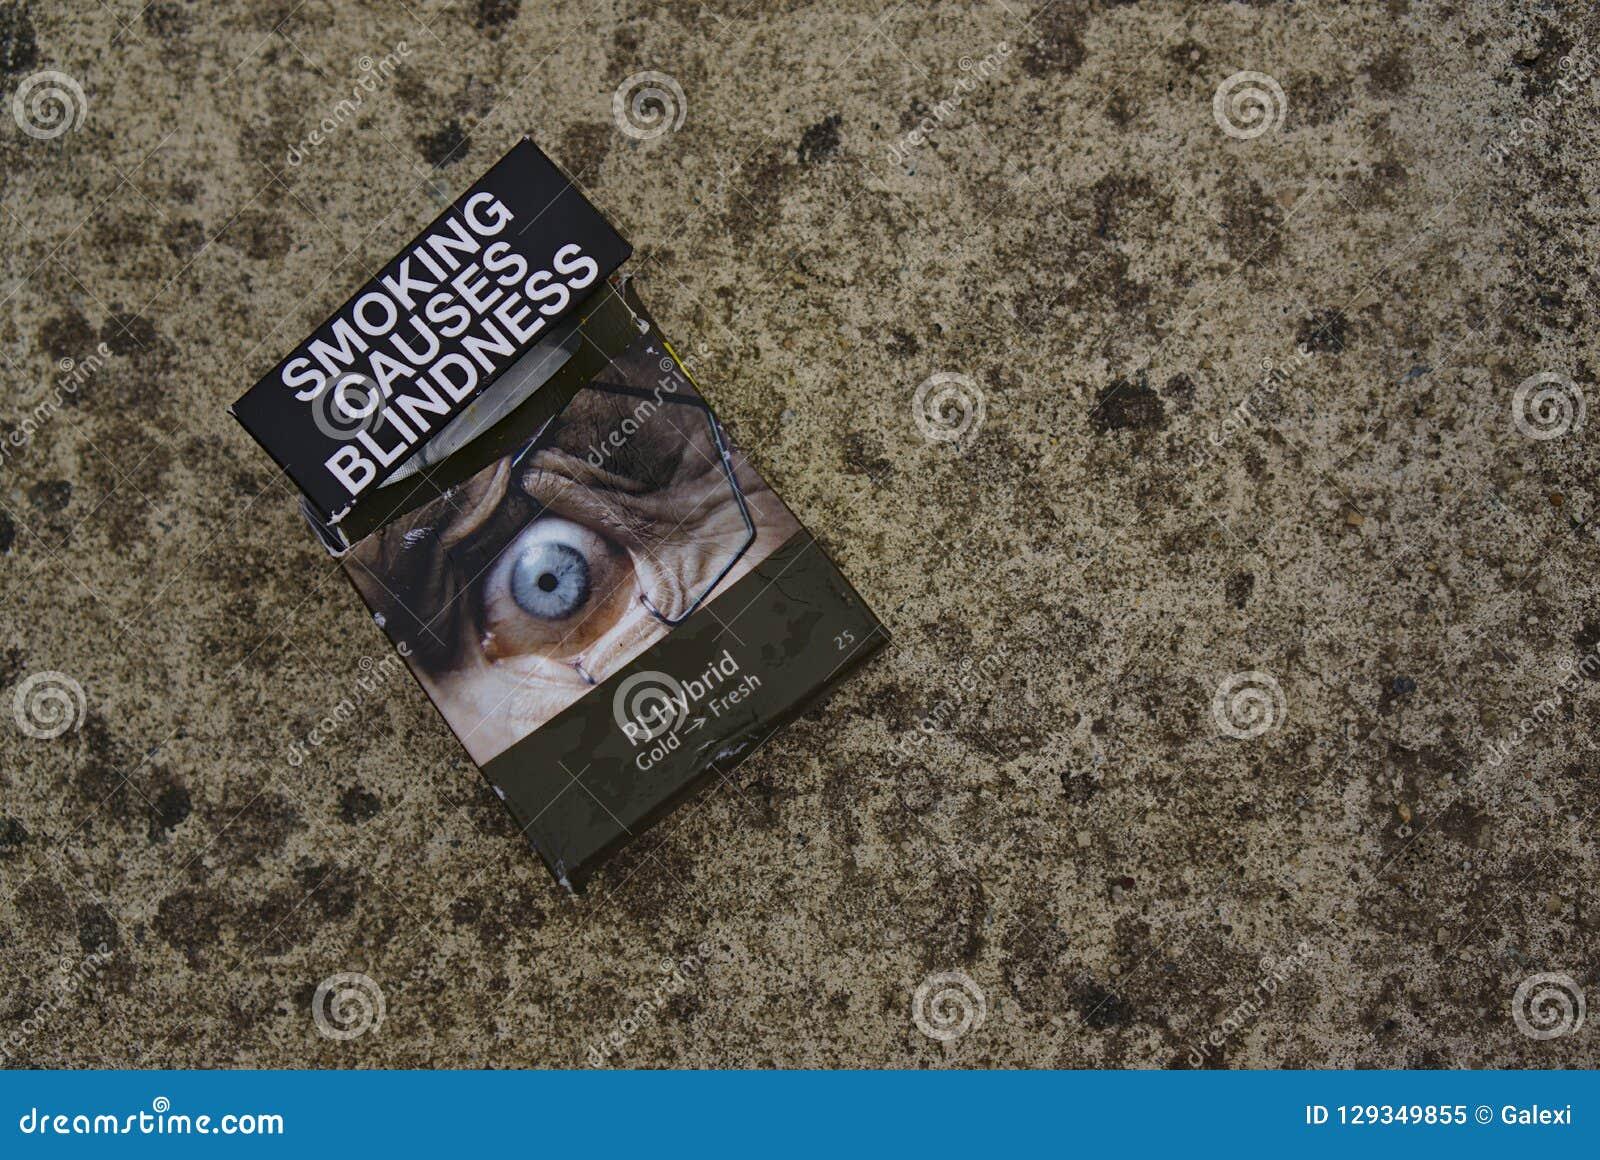 Il fumo australiano del pacchetto della sigaretta causa la cecità